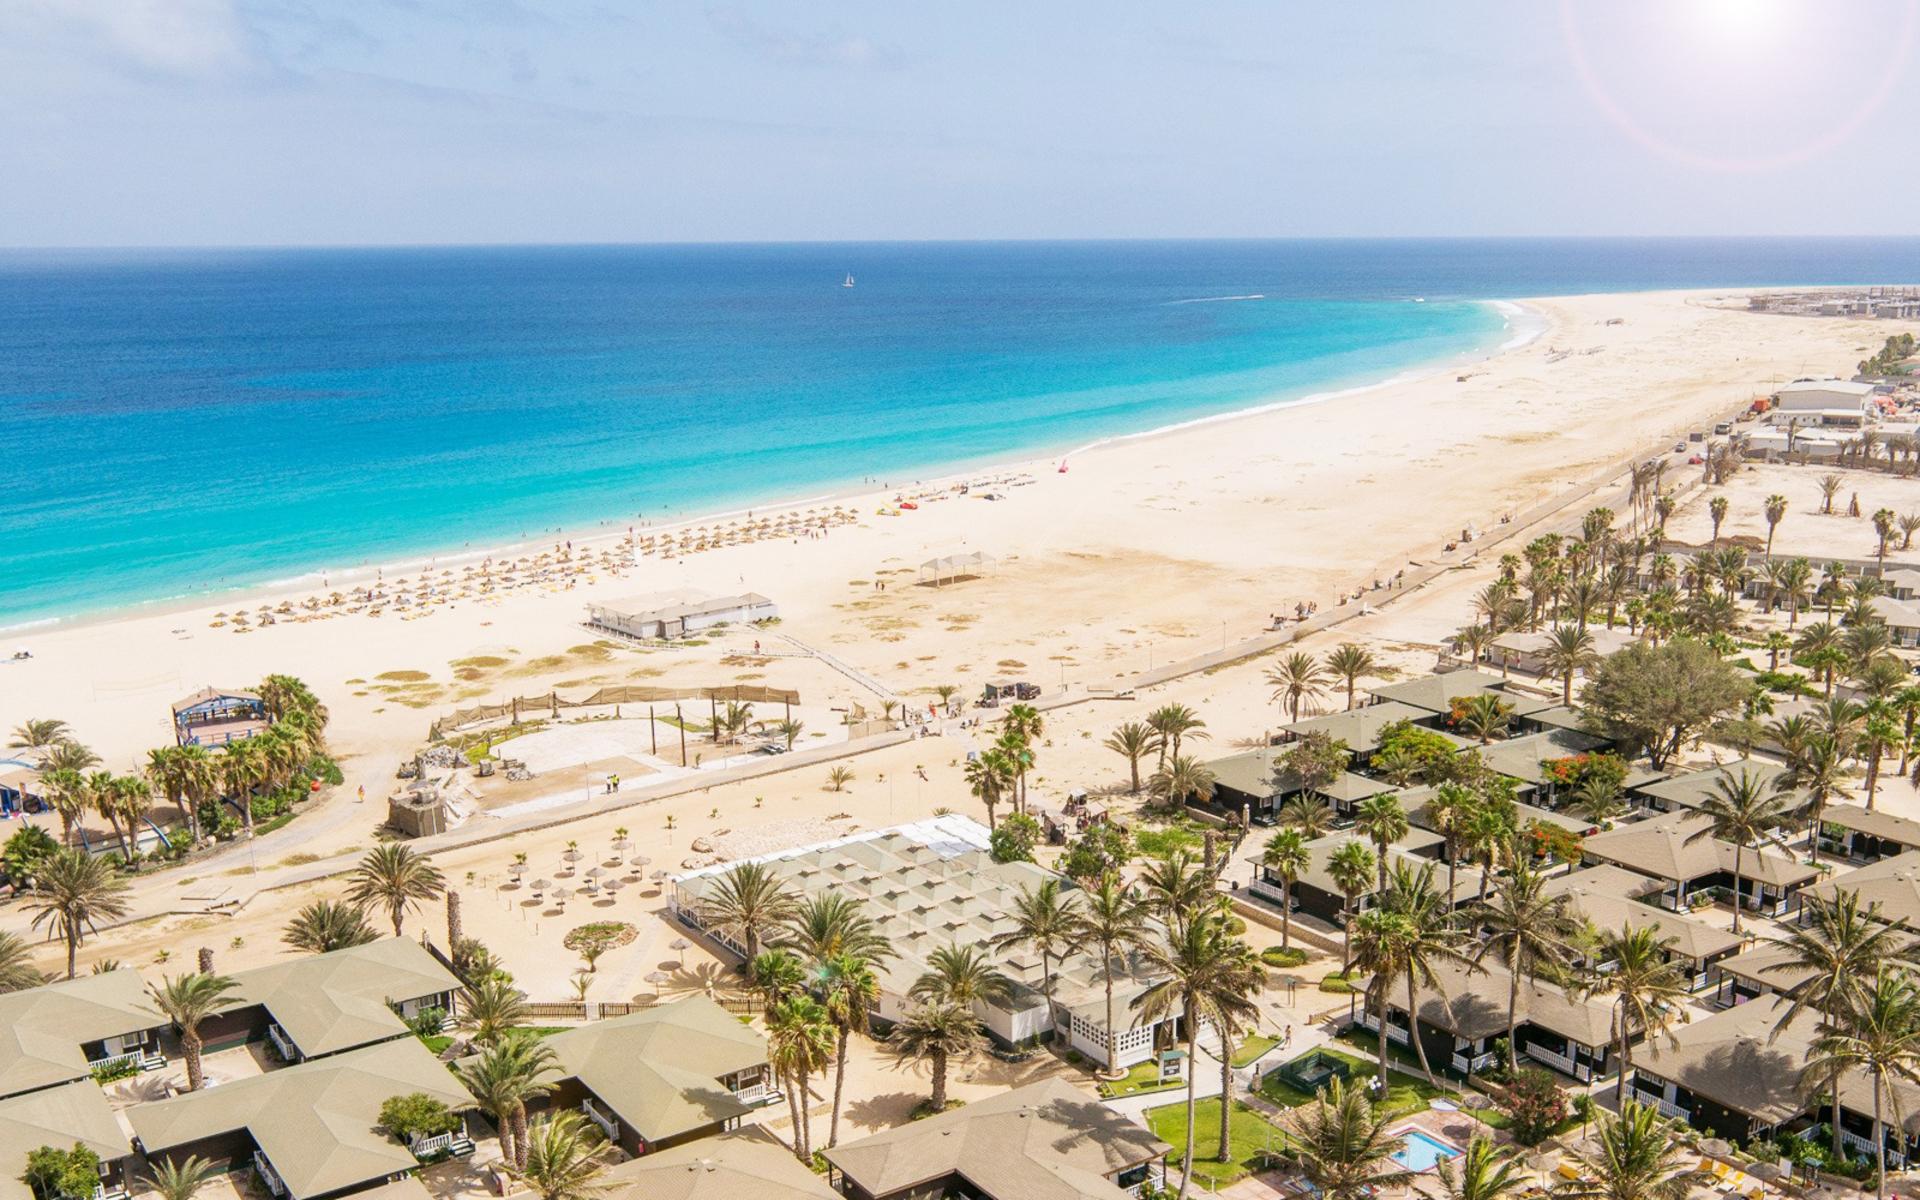 Viaje a cabo verde en bungalow hotel 4 todo incluido desde santiago - Vacaciones en cabo verde todo incluido ...